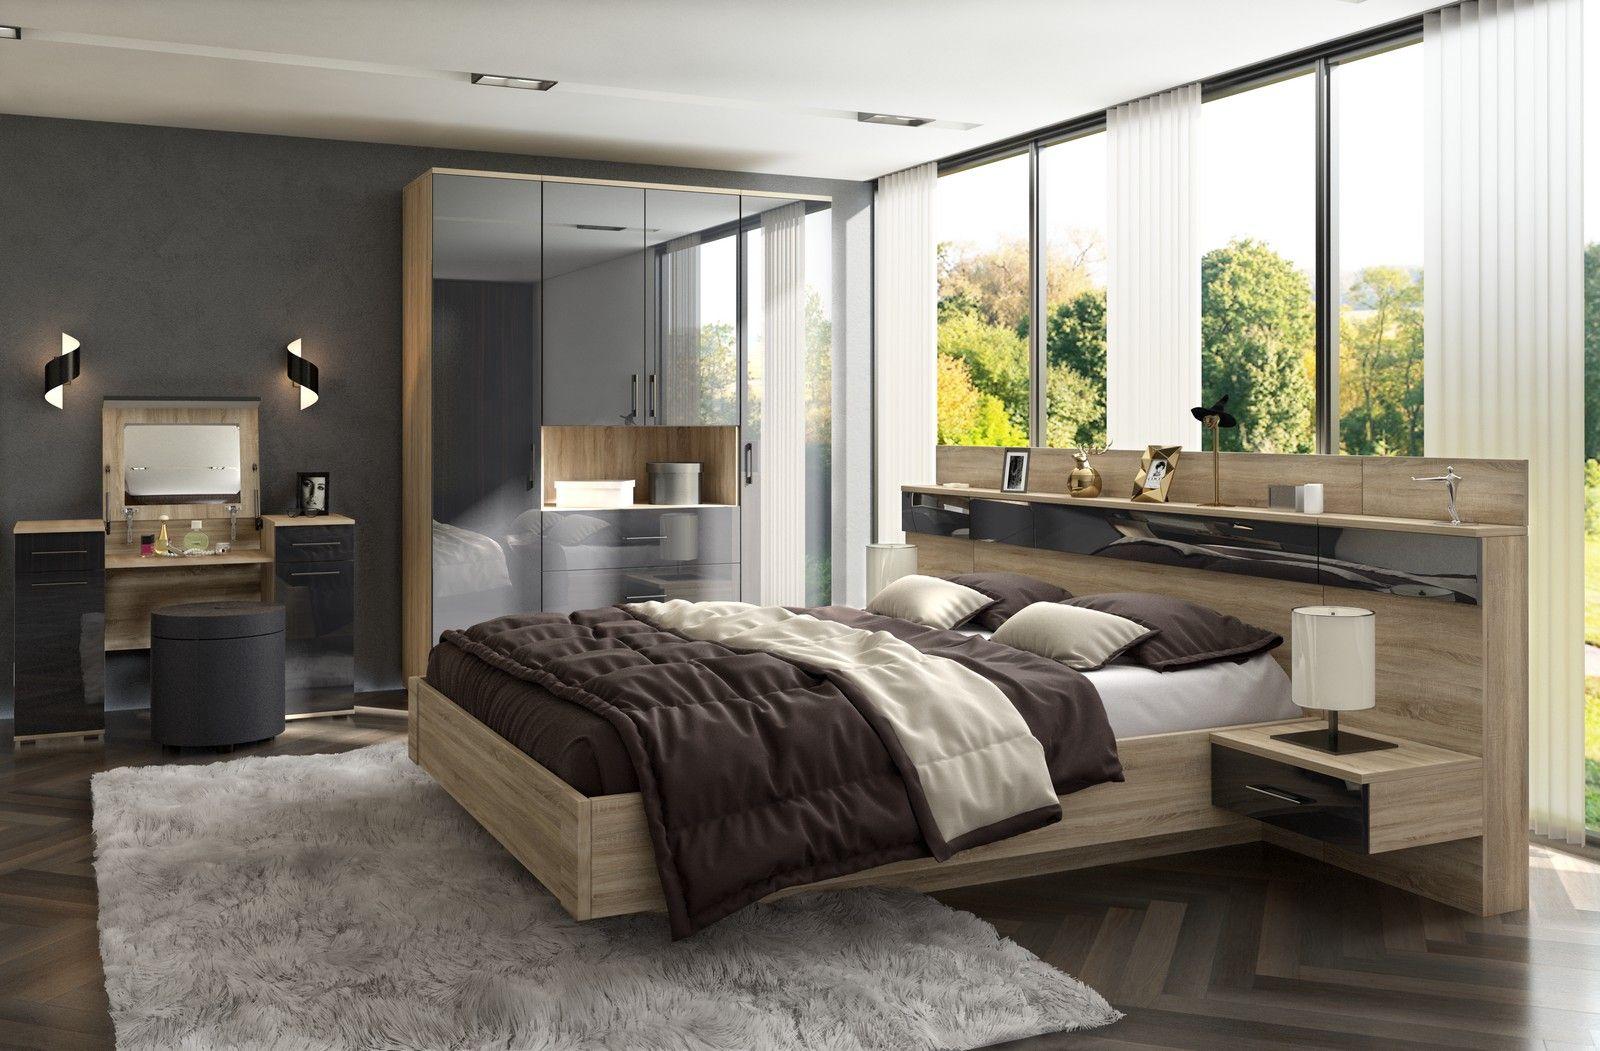 Tienda de dormitorios